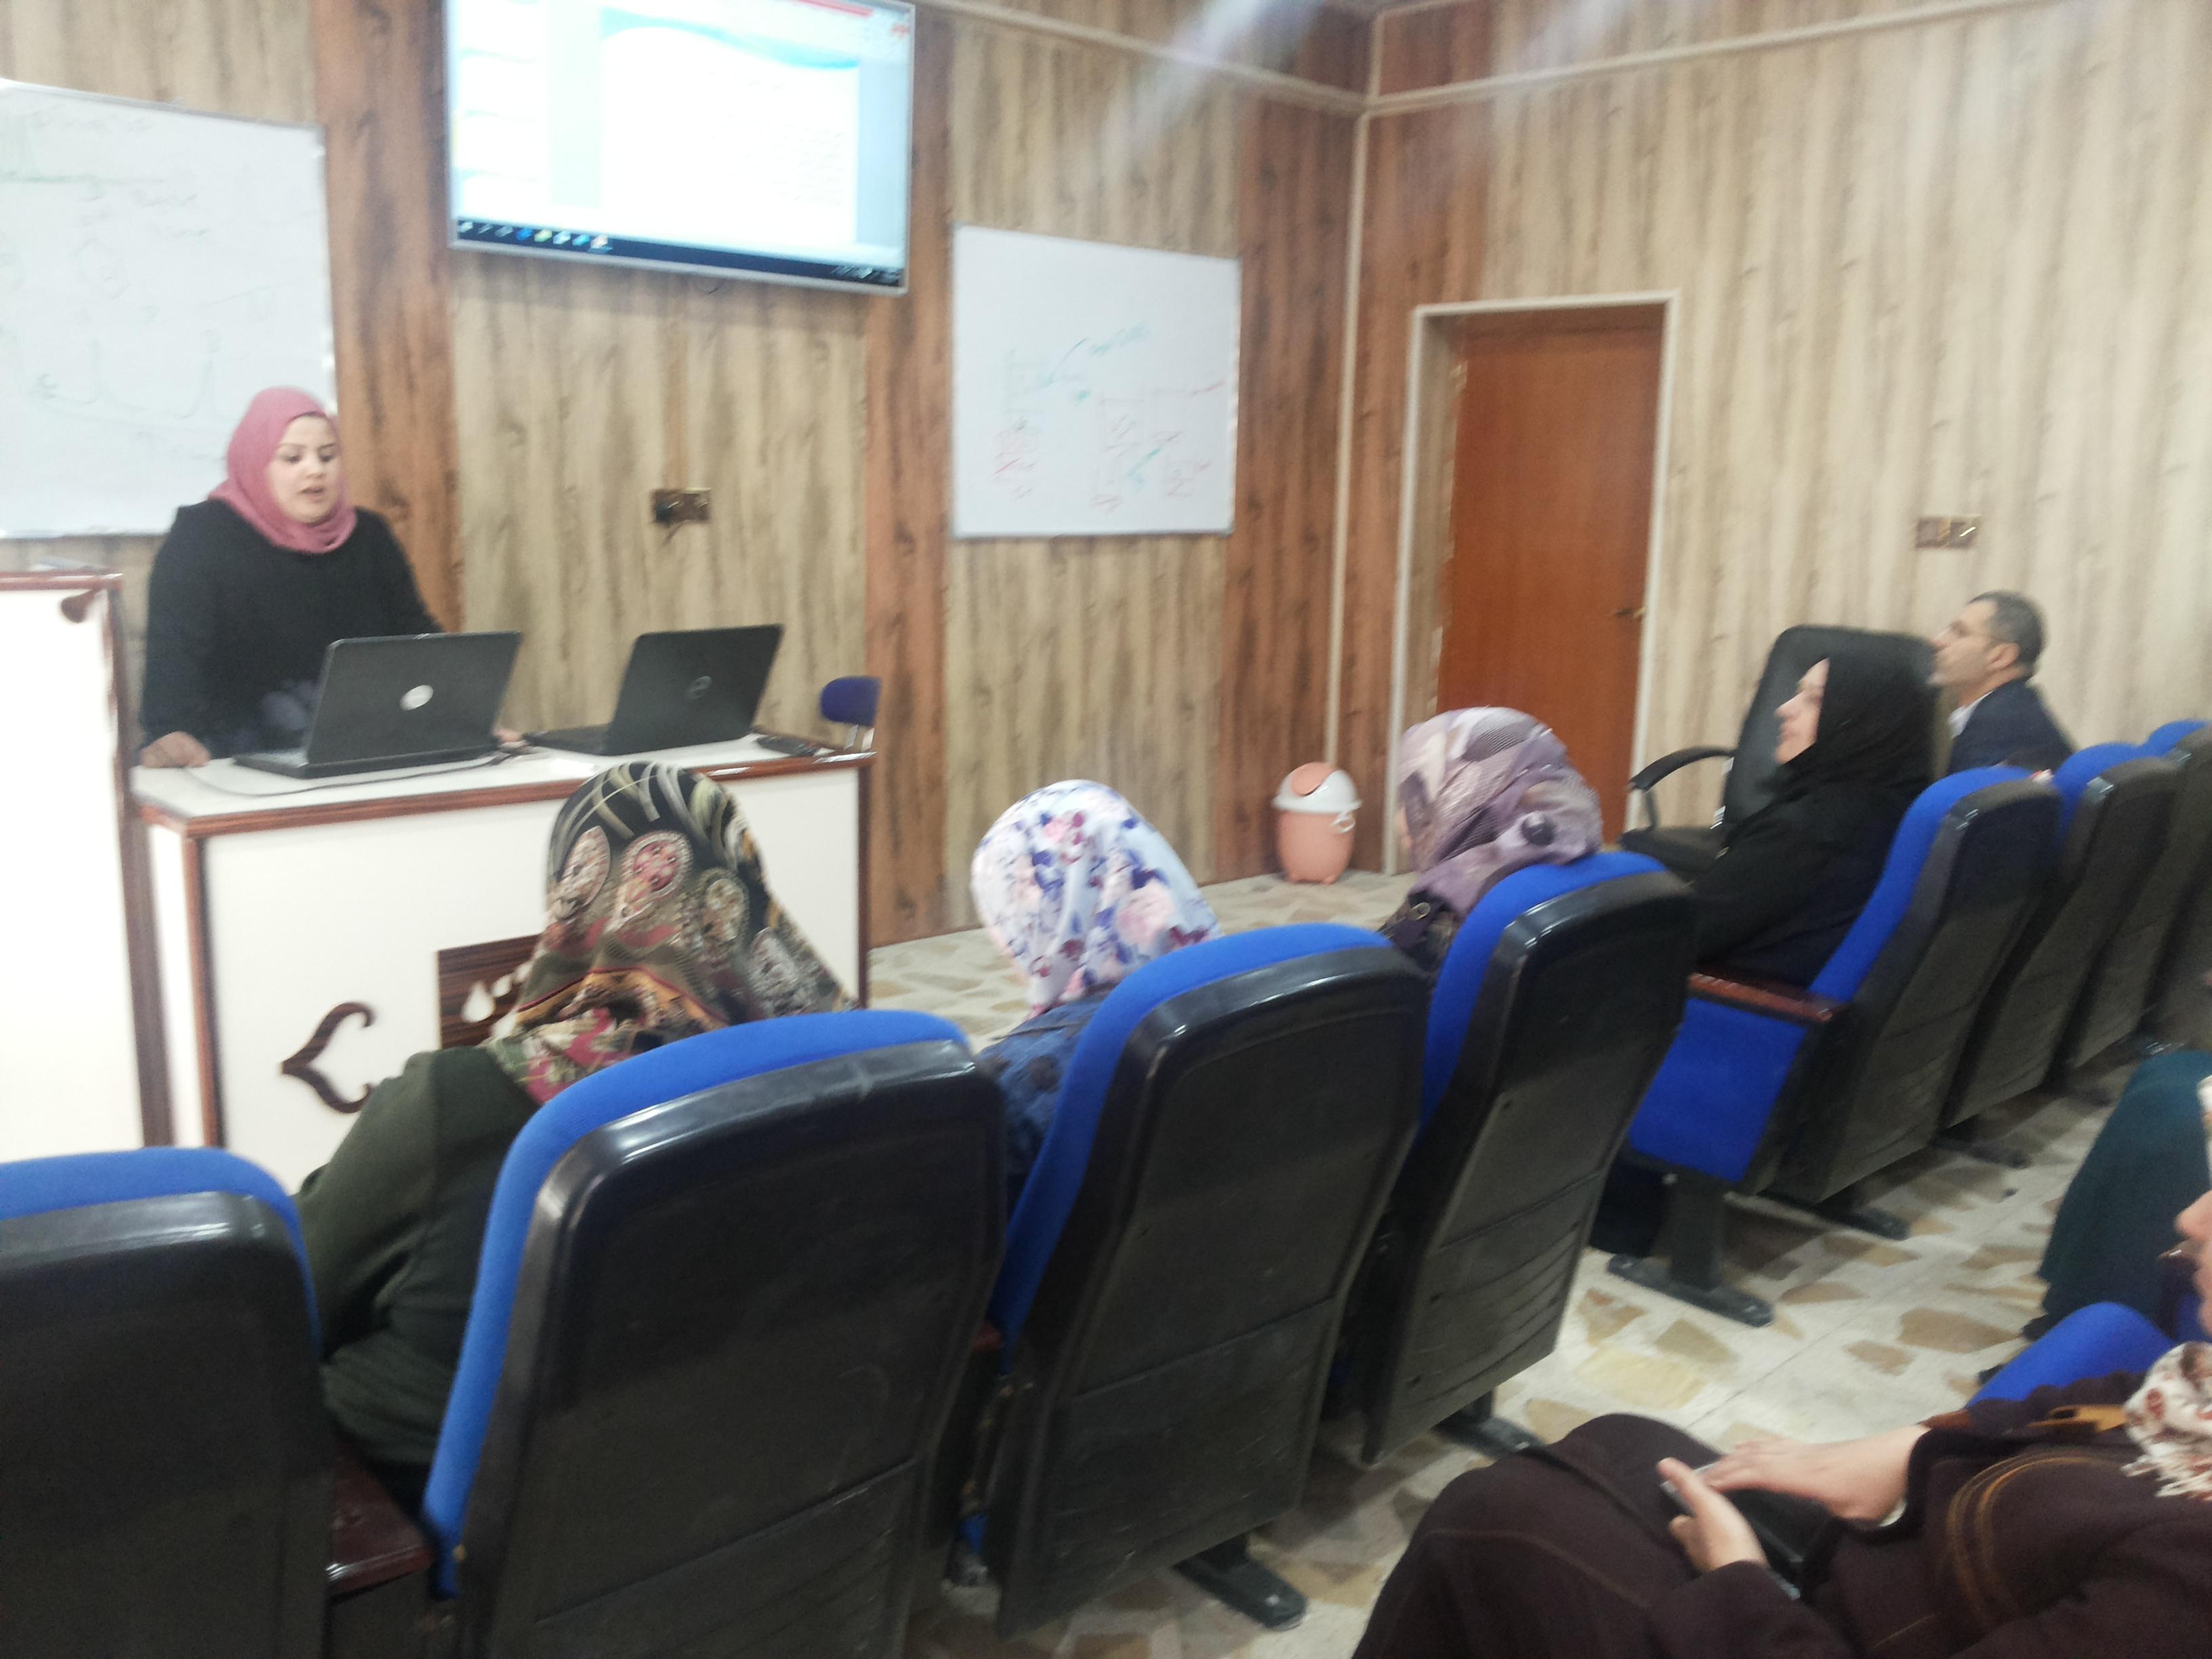 كلية العلوم في جامعة القادسية تقيم دورة تدريبية بعنوان اثر التقنيات البرمجية على مهارات المحاسبة المالية